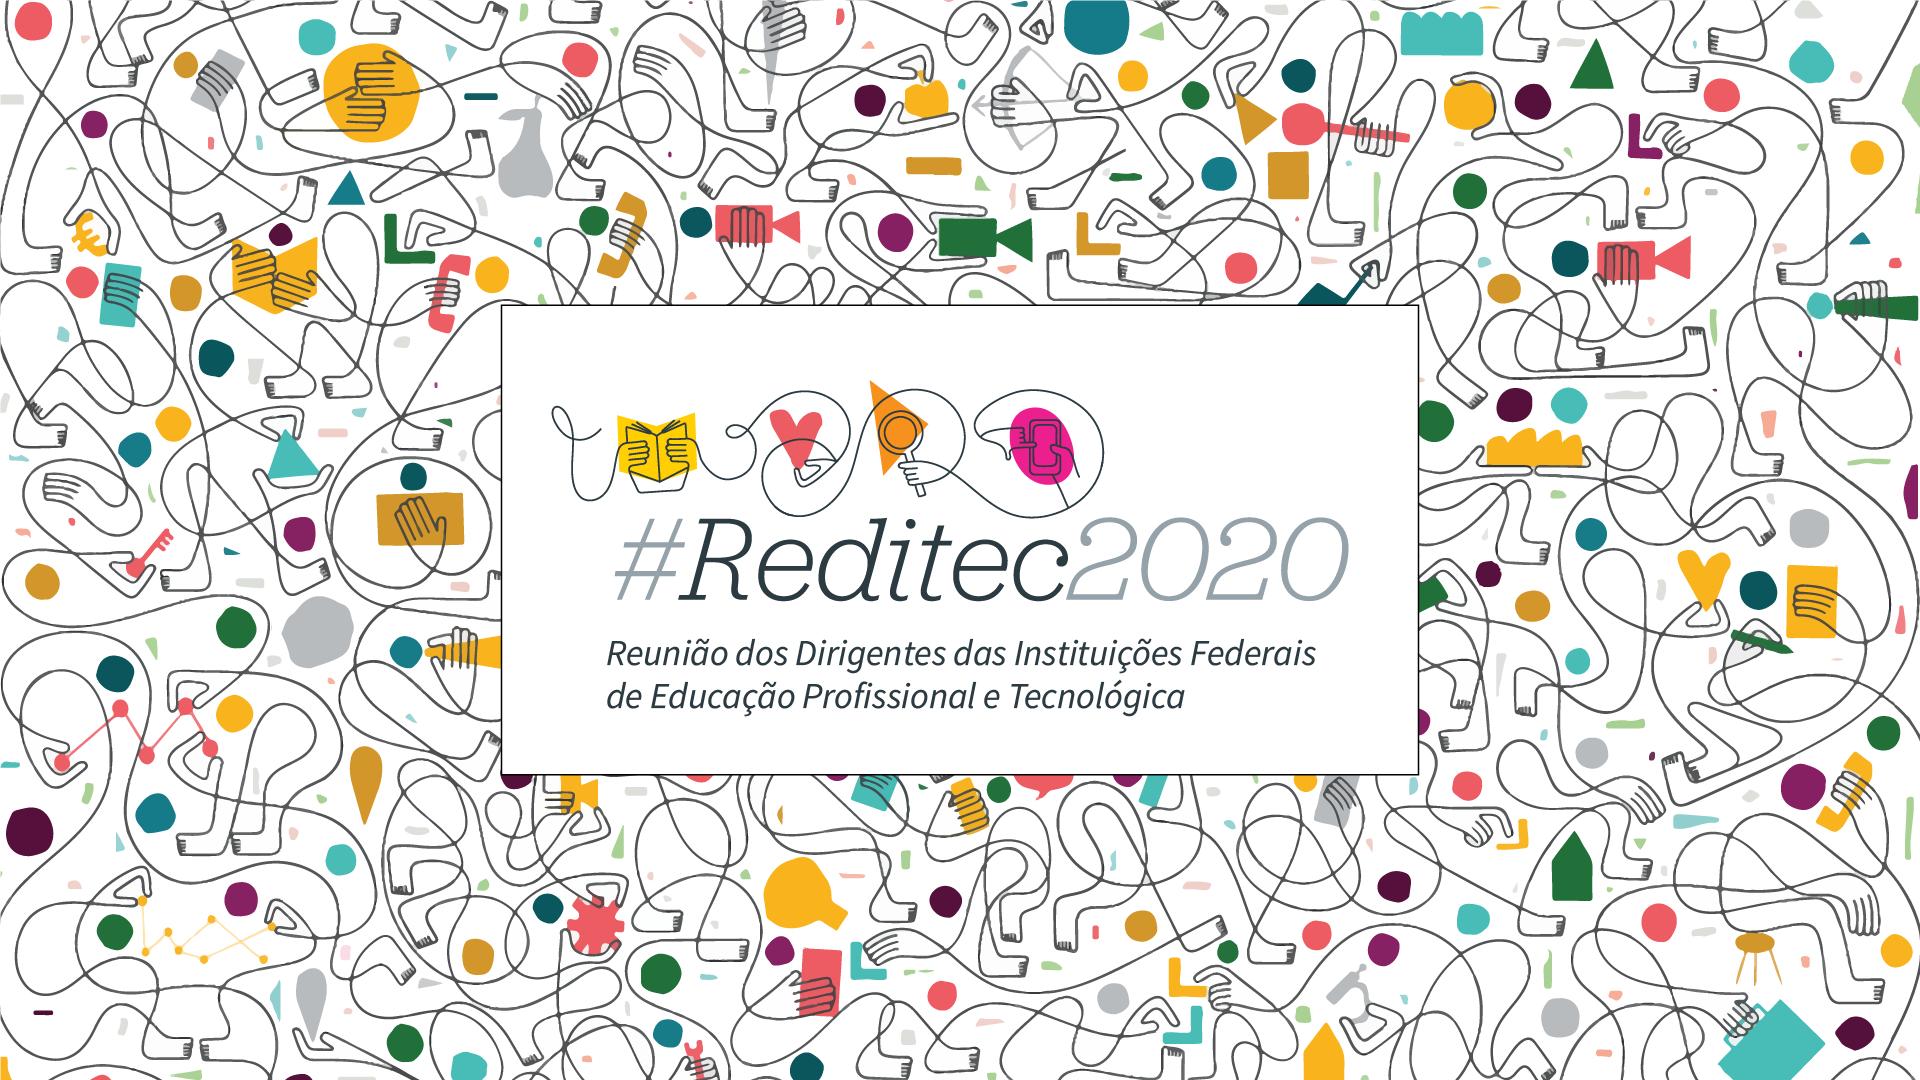 Inscrições abertas para  44ª edição da Reditec